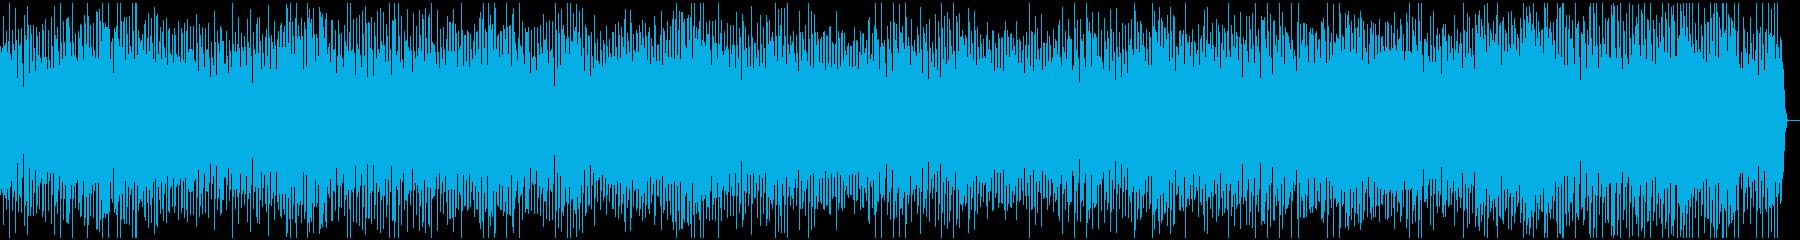 疾走感のある賑やかで明るいBGM の再生済みの波形